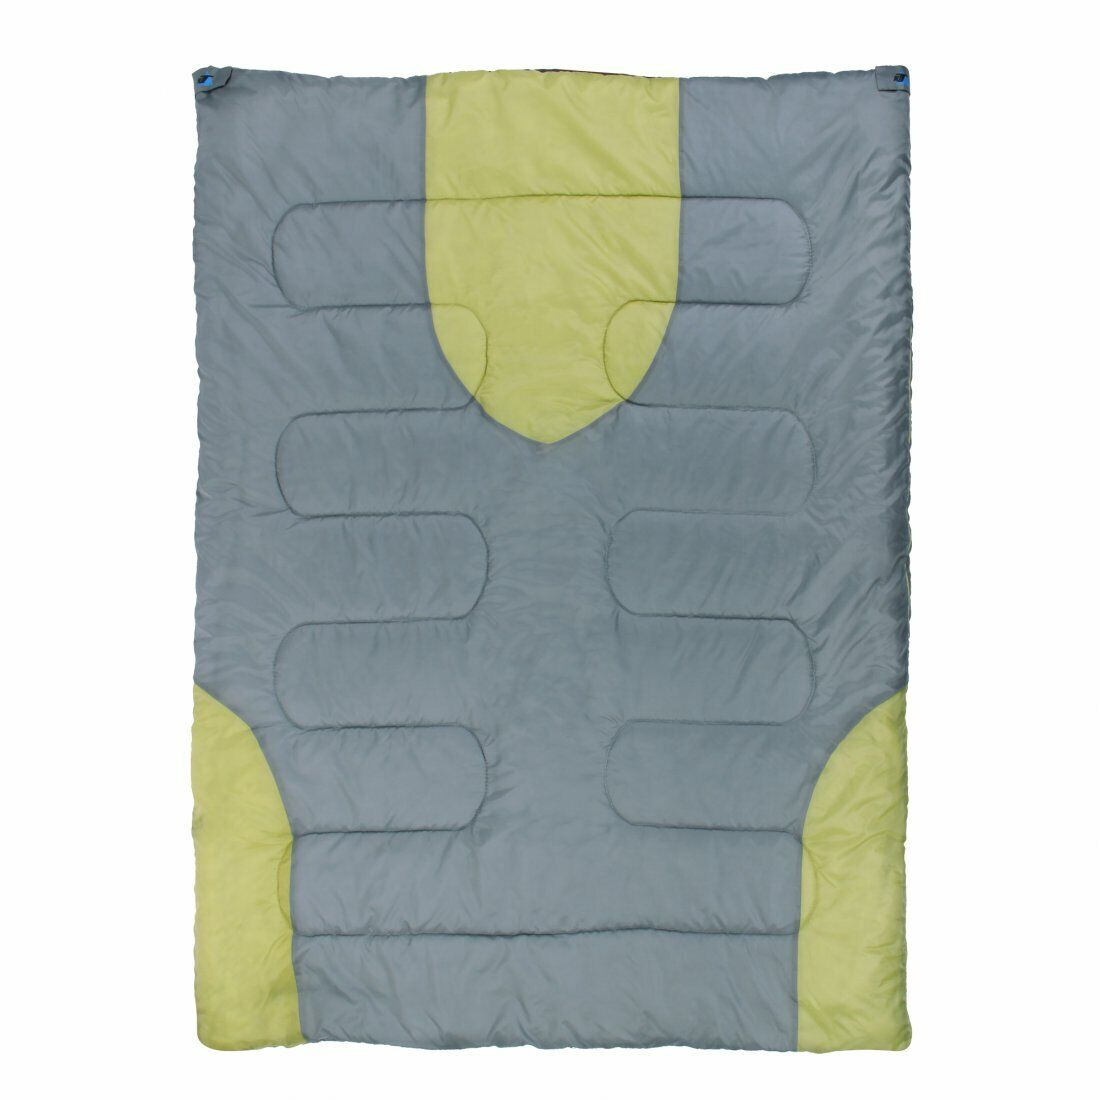 Schlafsack Harrison 2 Personen 200x150 cm -13° Grau/Grün warm wasserabweisend